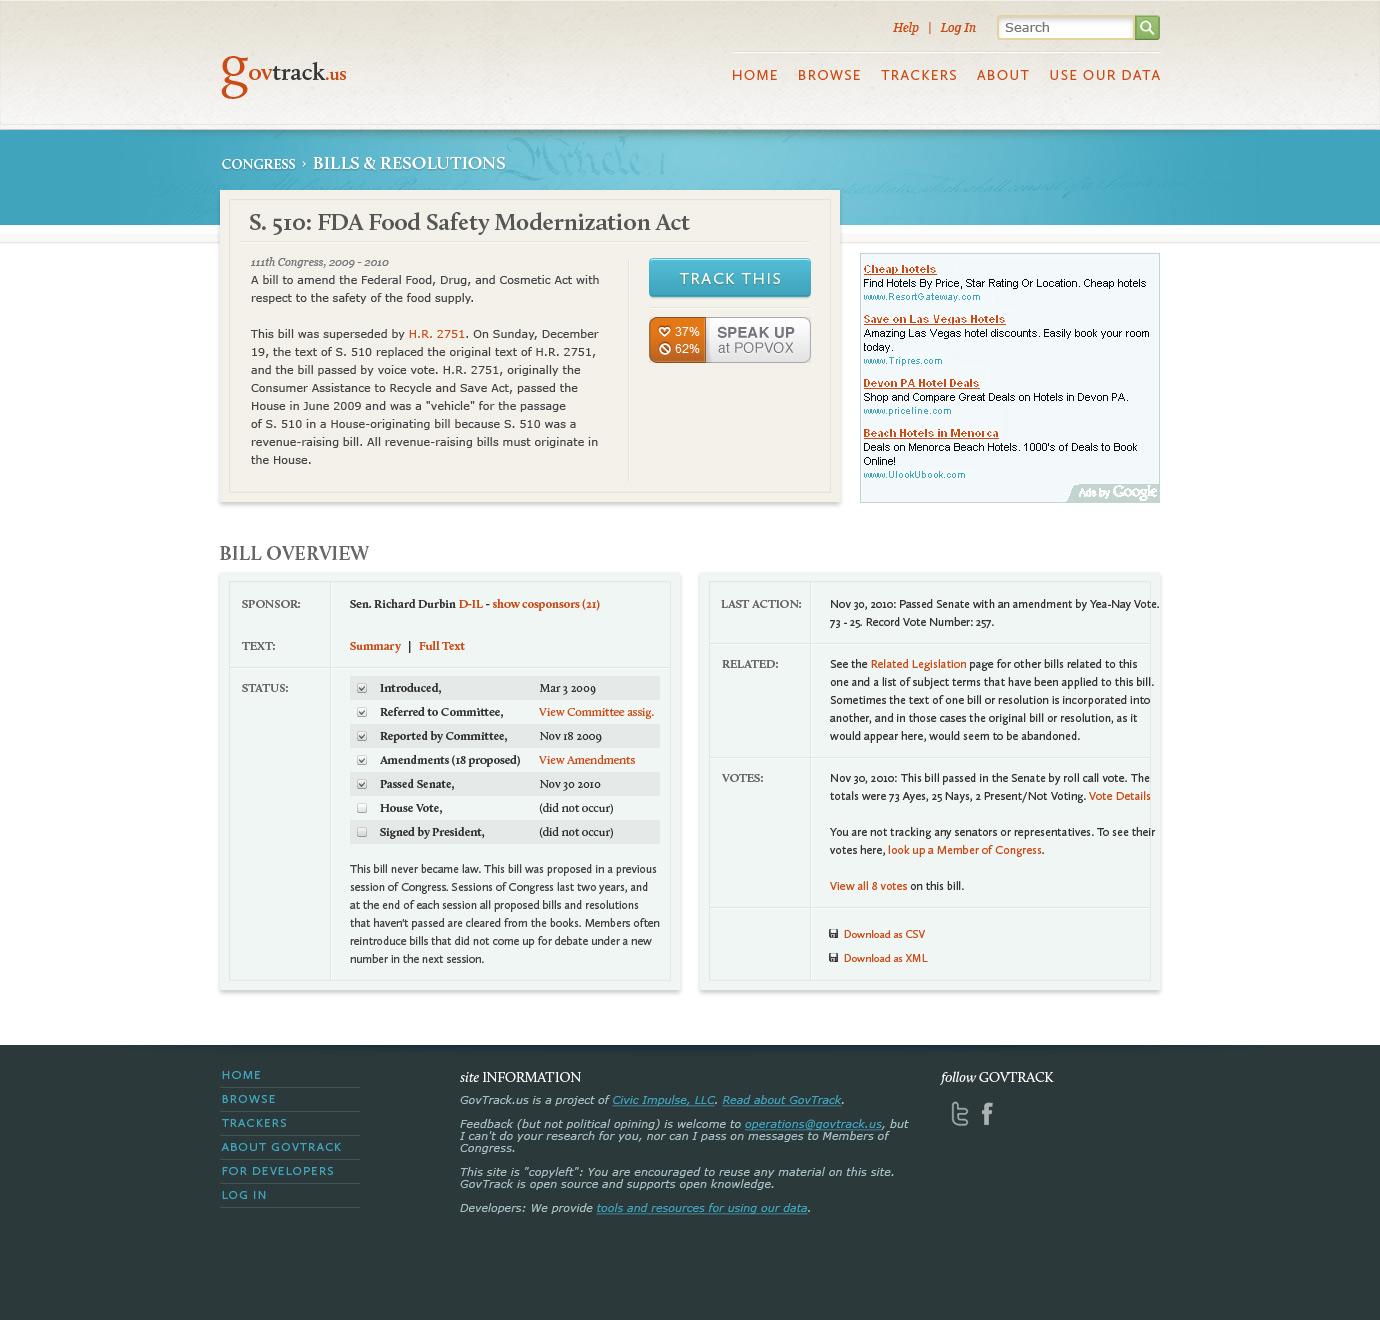 Govtrack bill view page